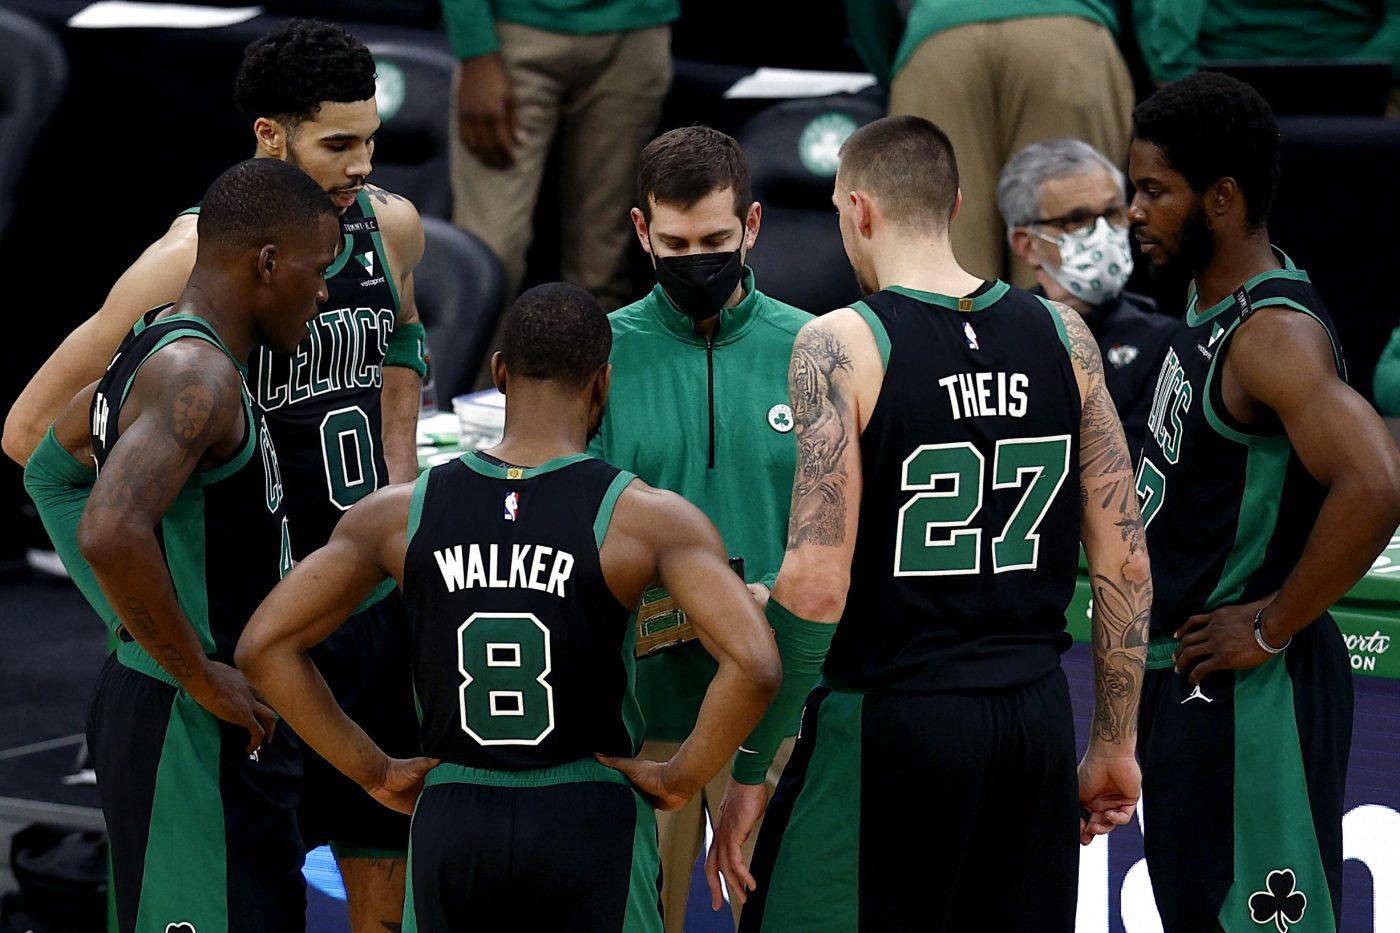 Kryzys Boston Celtics – czy to ostatni moment na przełamanie?